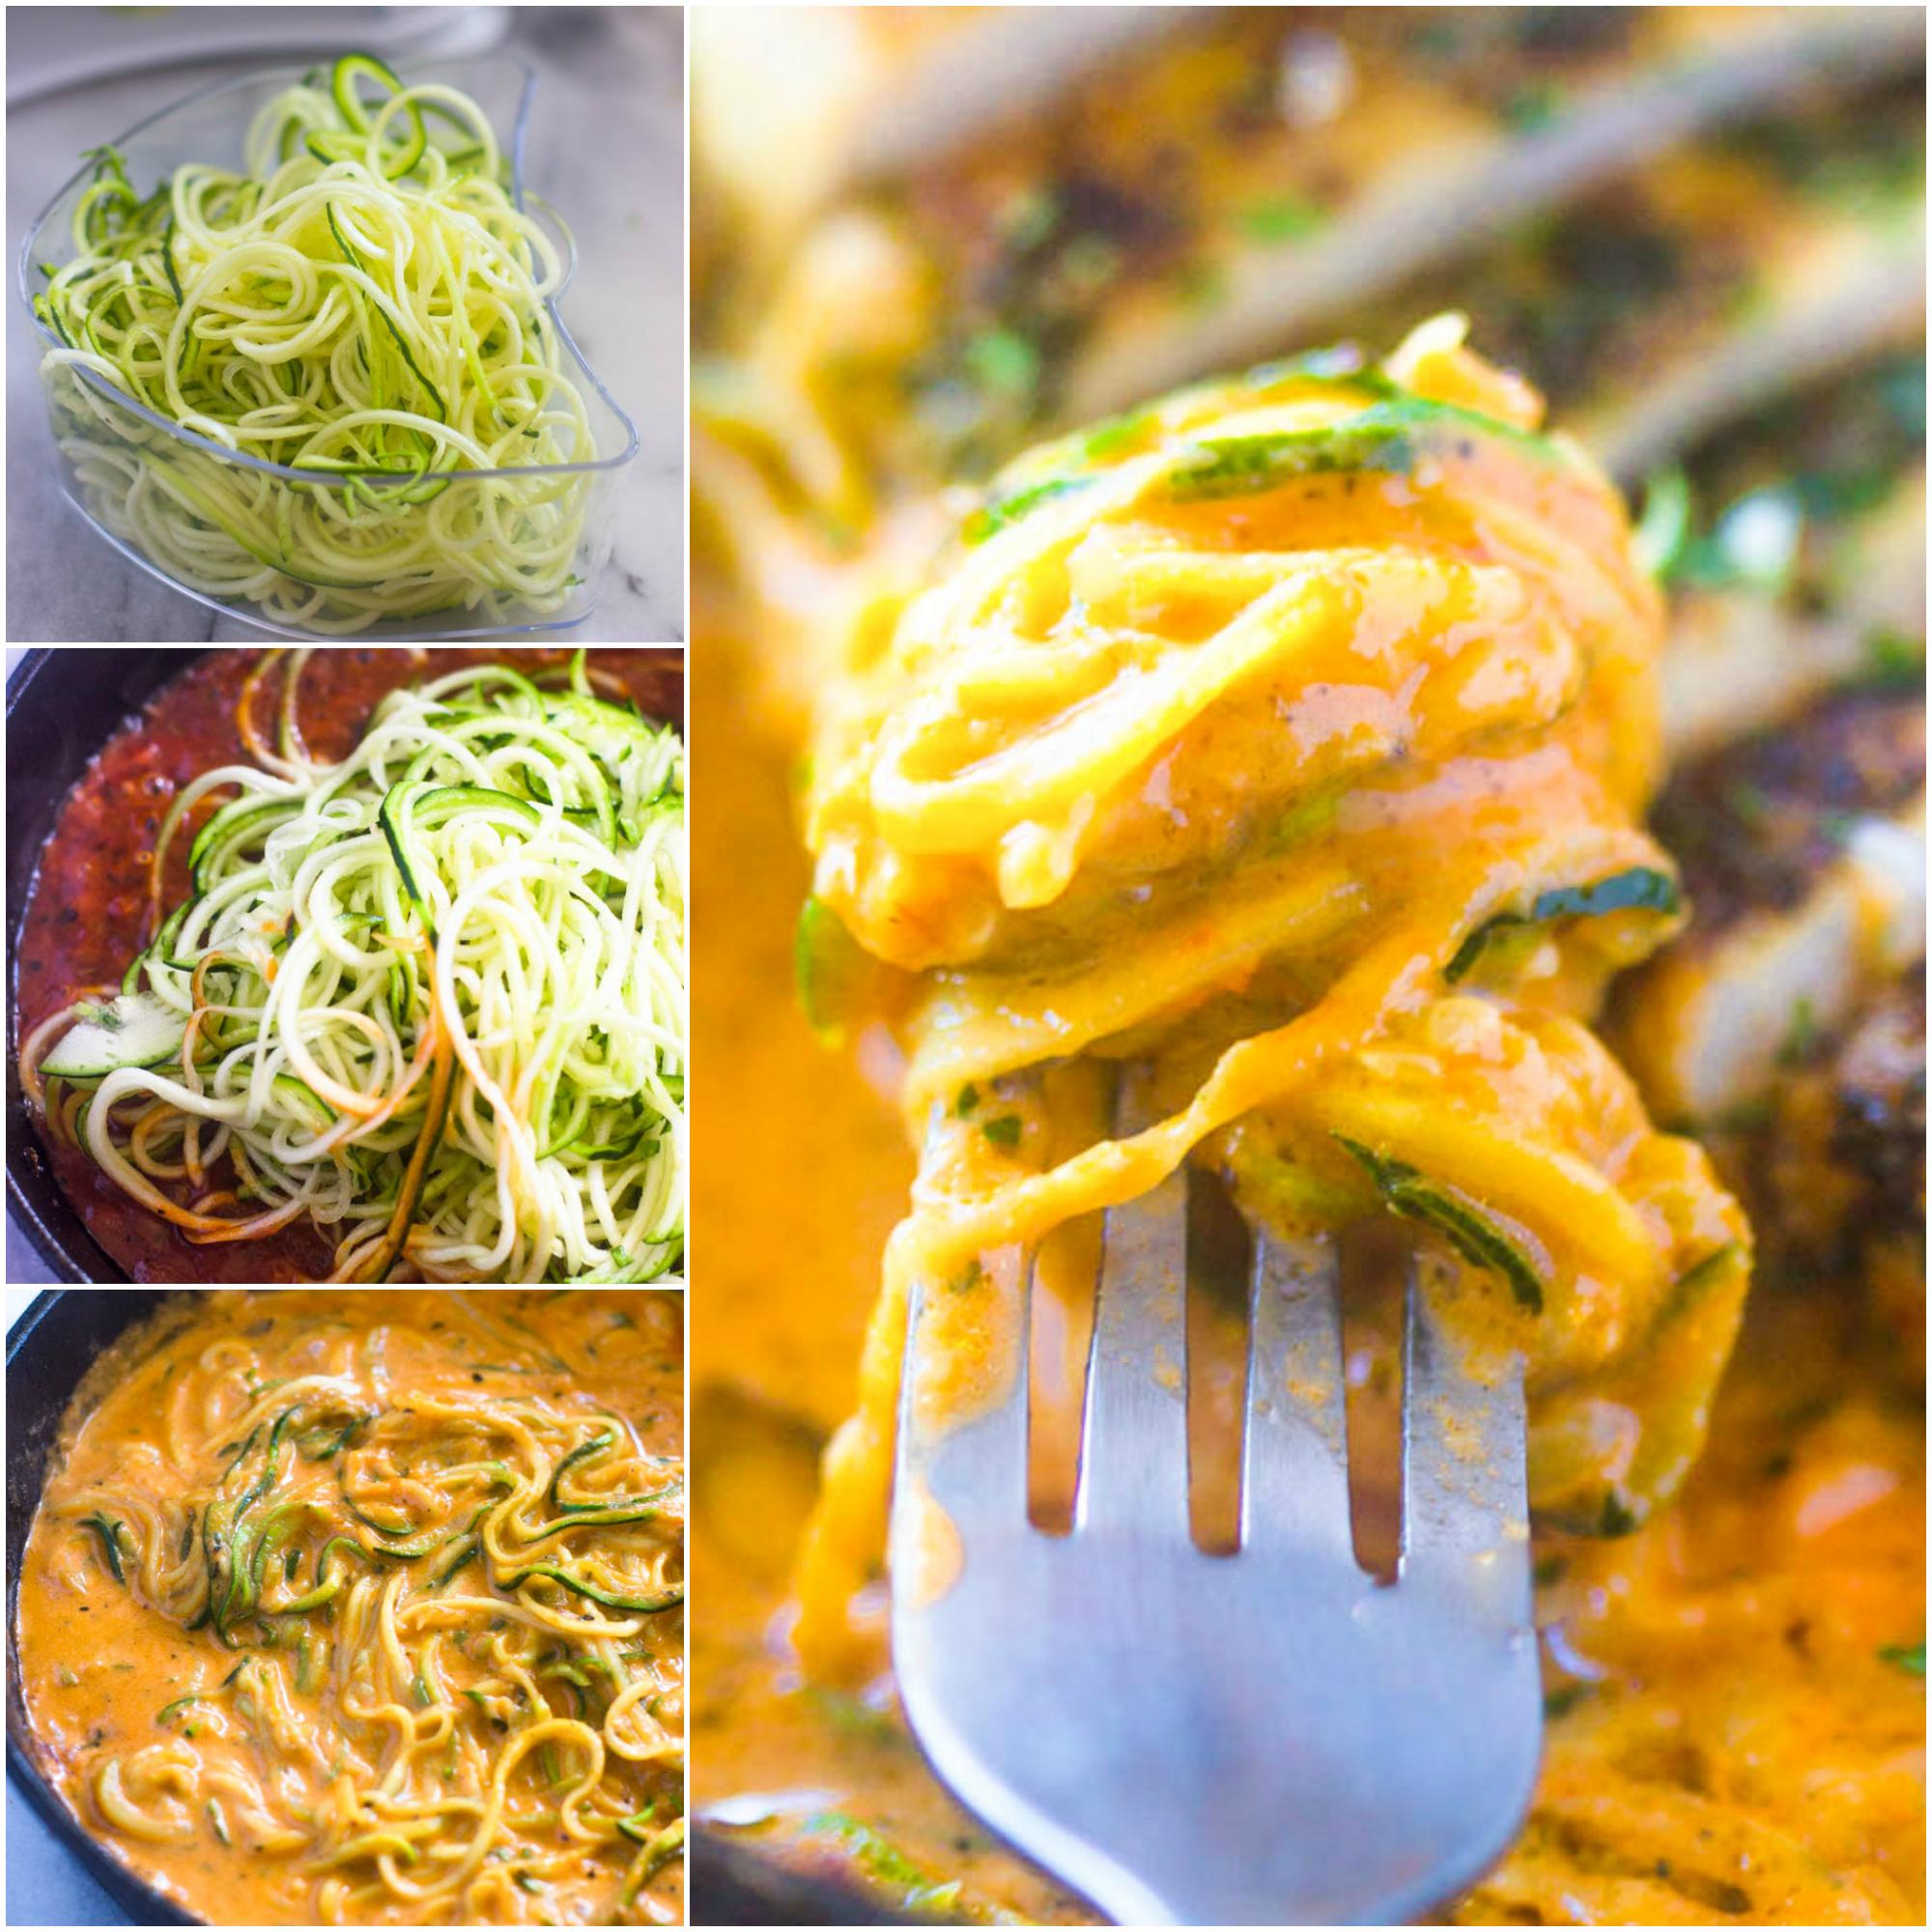 Quick Zucchini pasta with tomato cream sauce